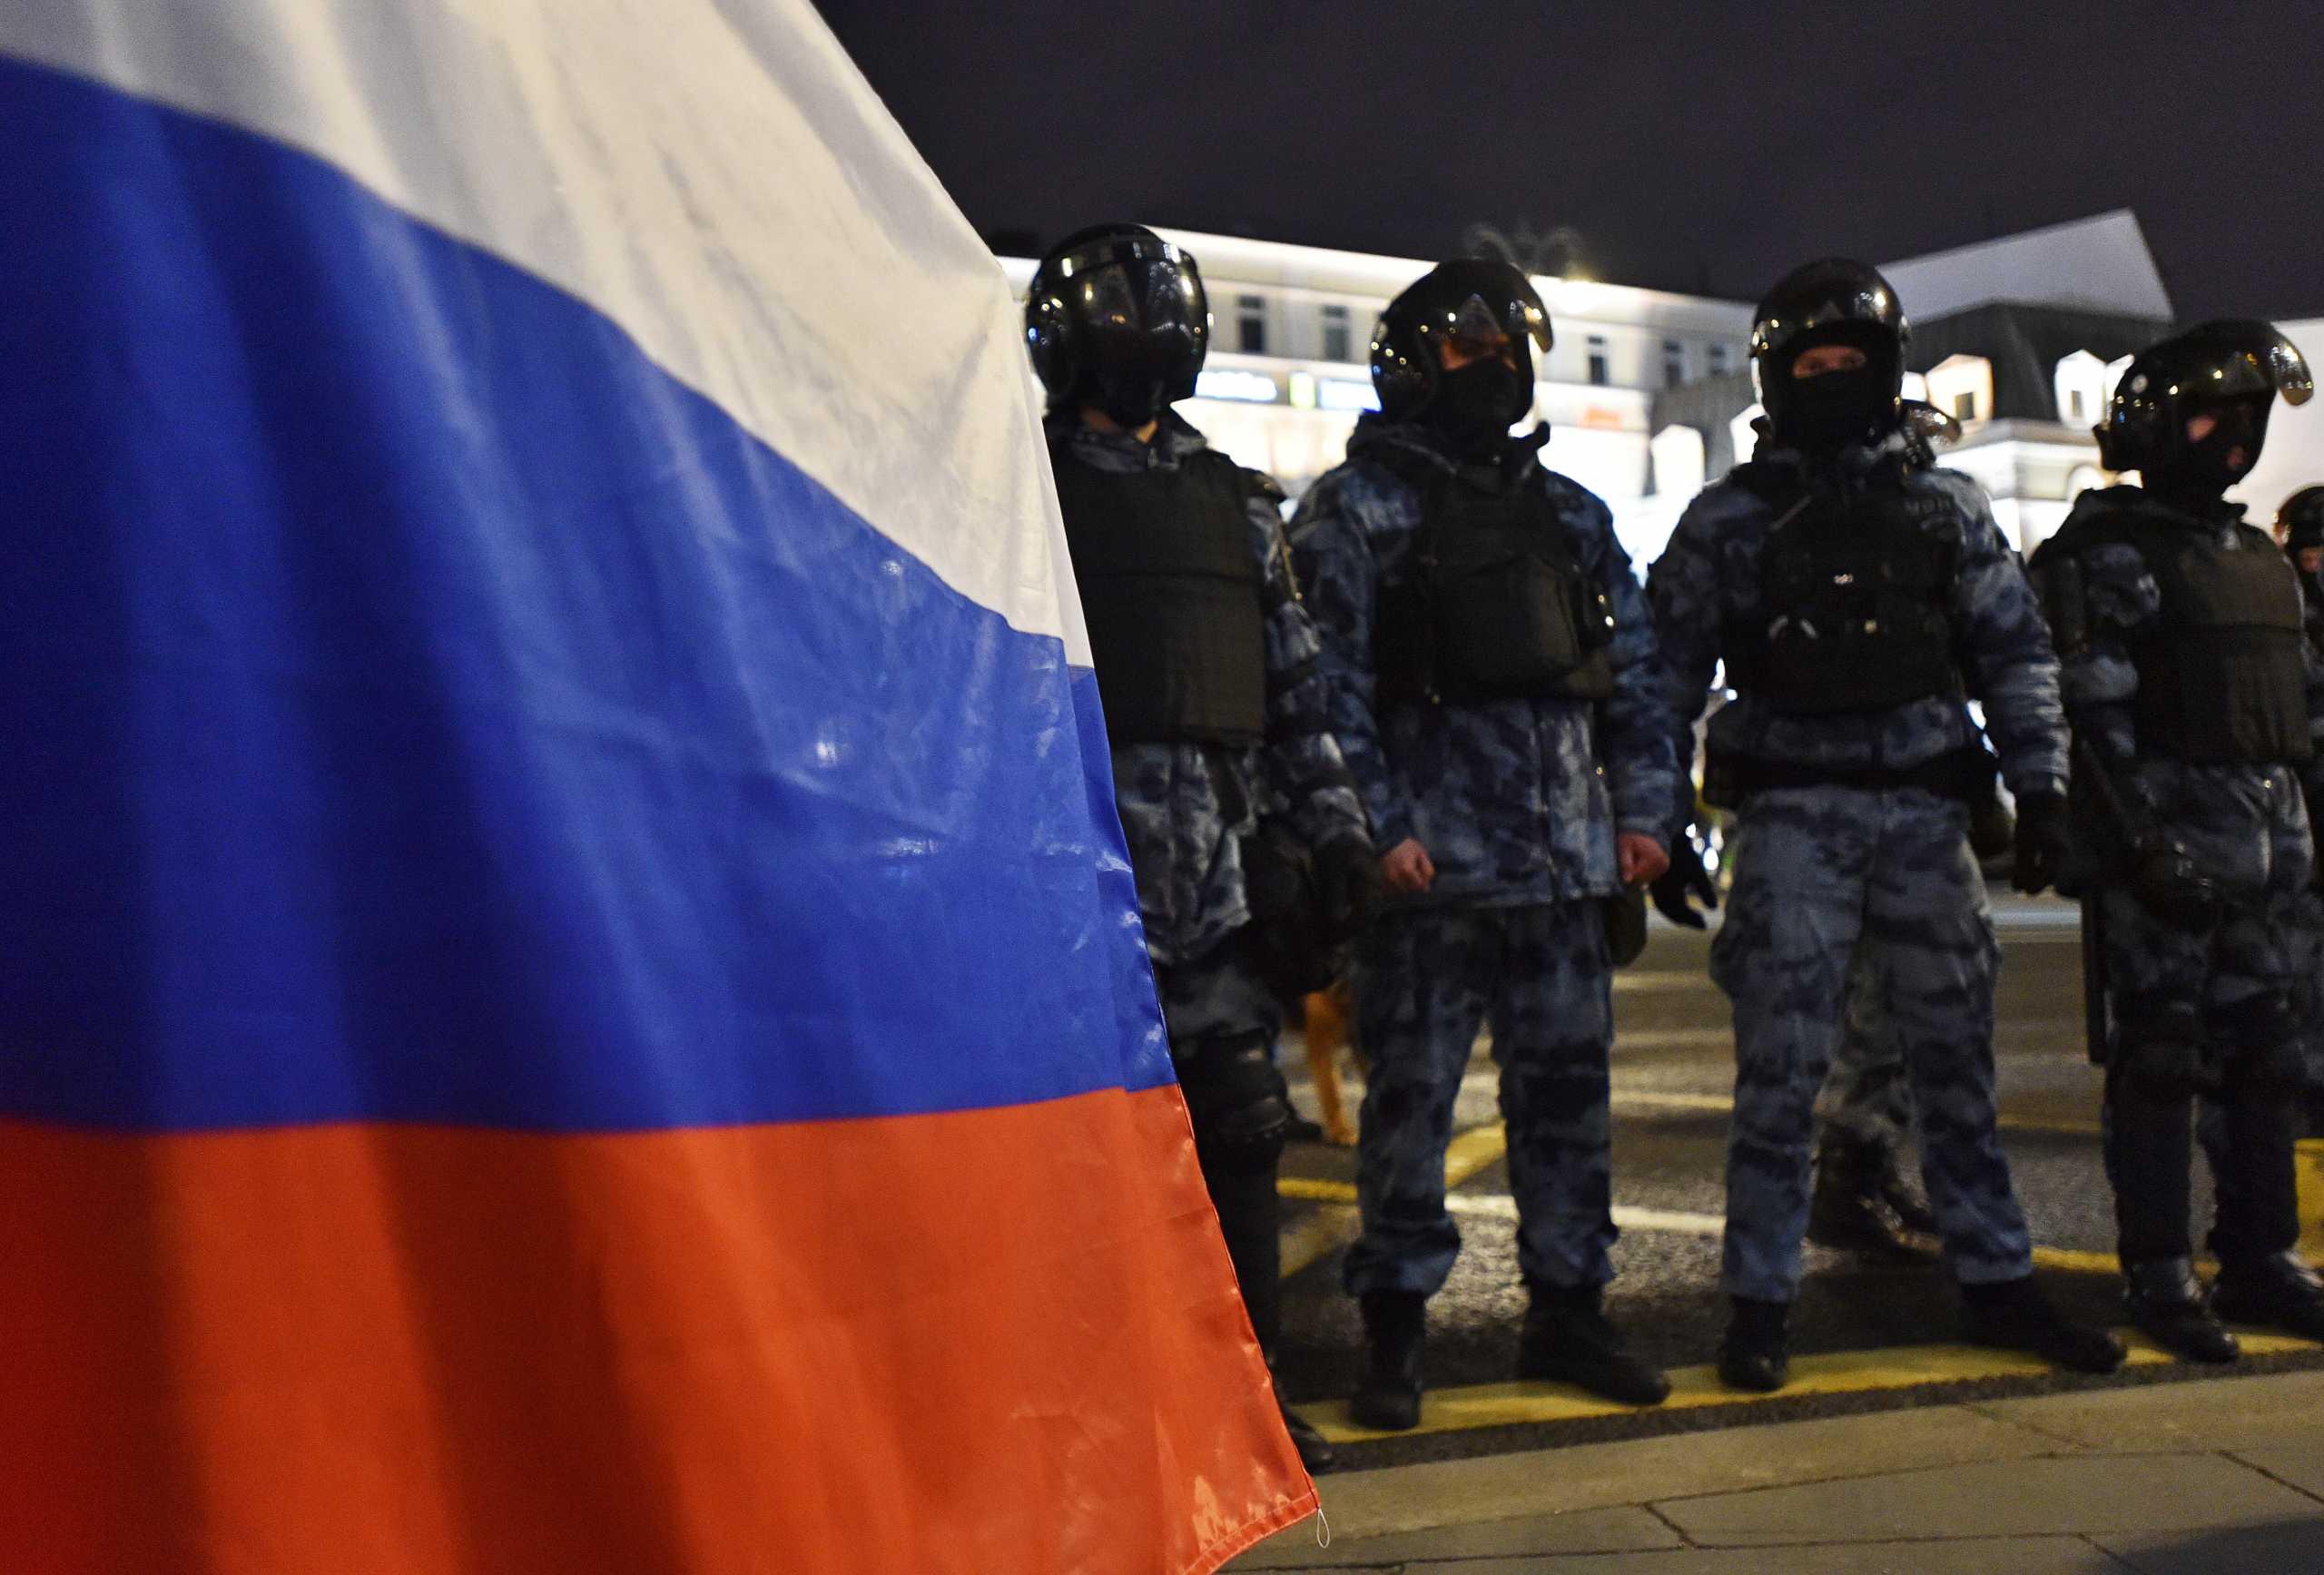 Ρωσία – Ναβάλνι: Περίπου 1.800 συλληφθέντες στις διαδηλώσεις υπέρ του φυλακισμένου επικριτή του Πούτιν